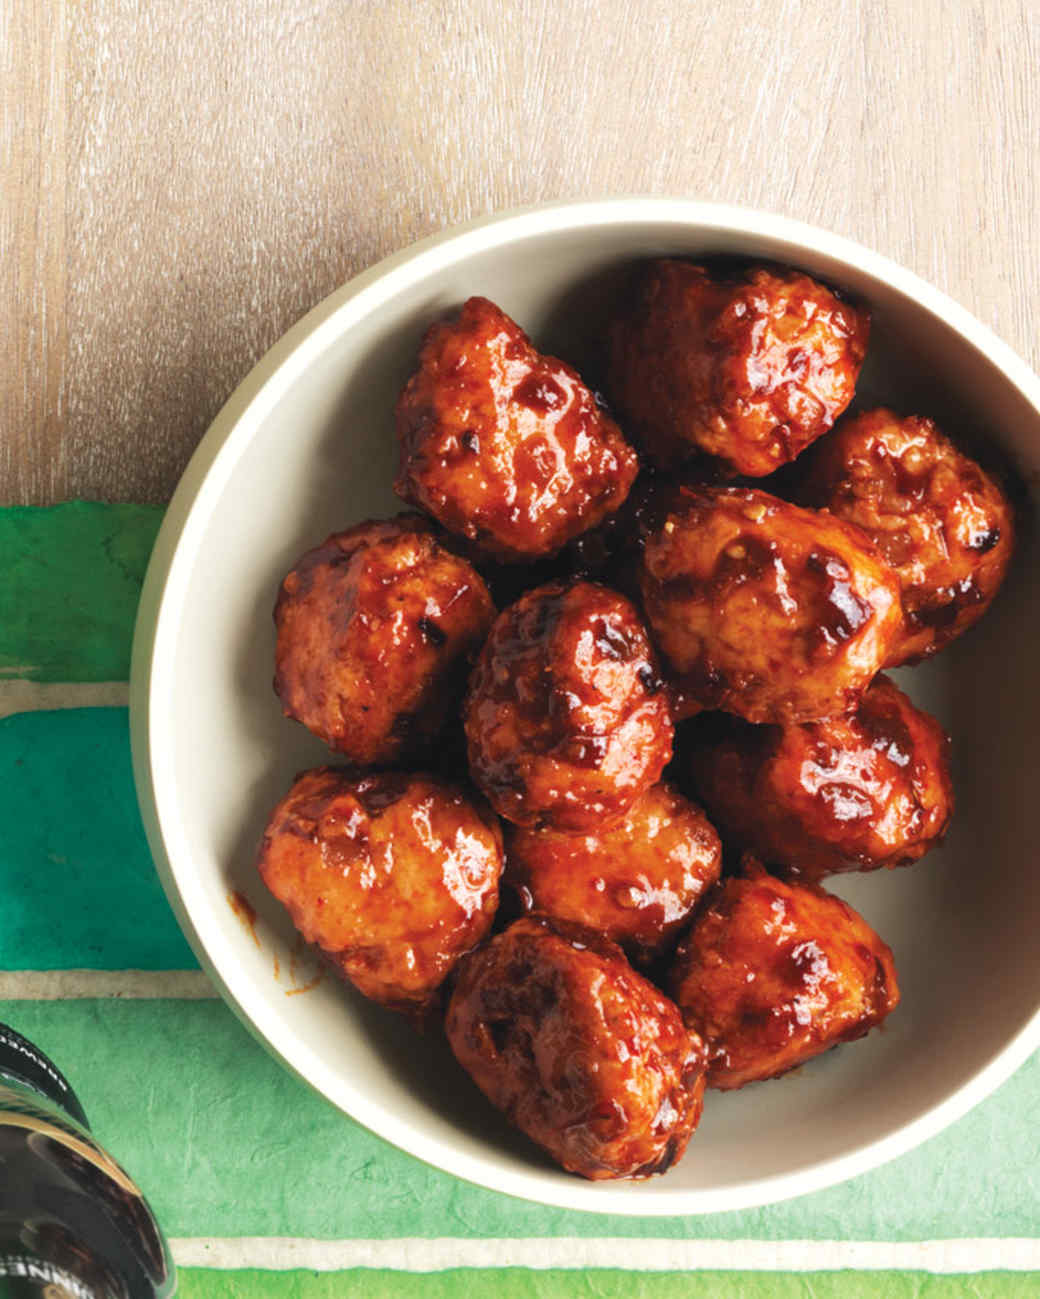 meatballs-med107845.jpg